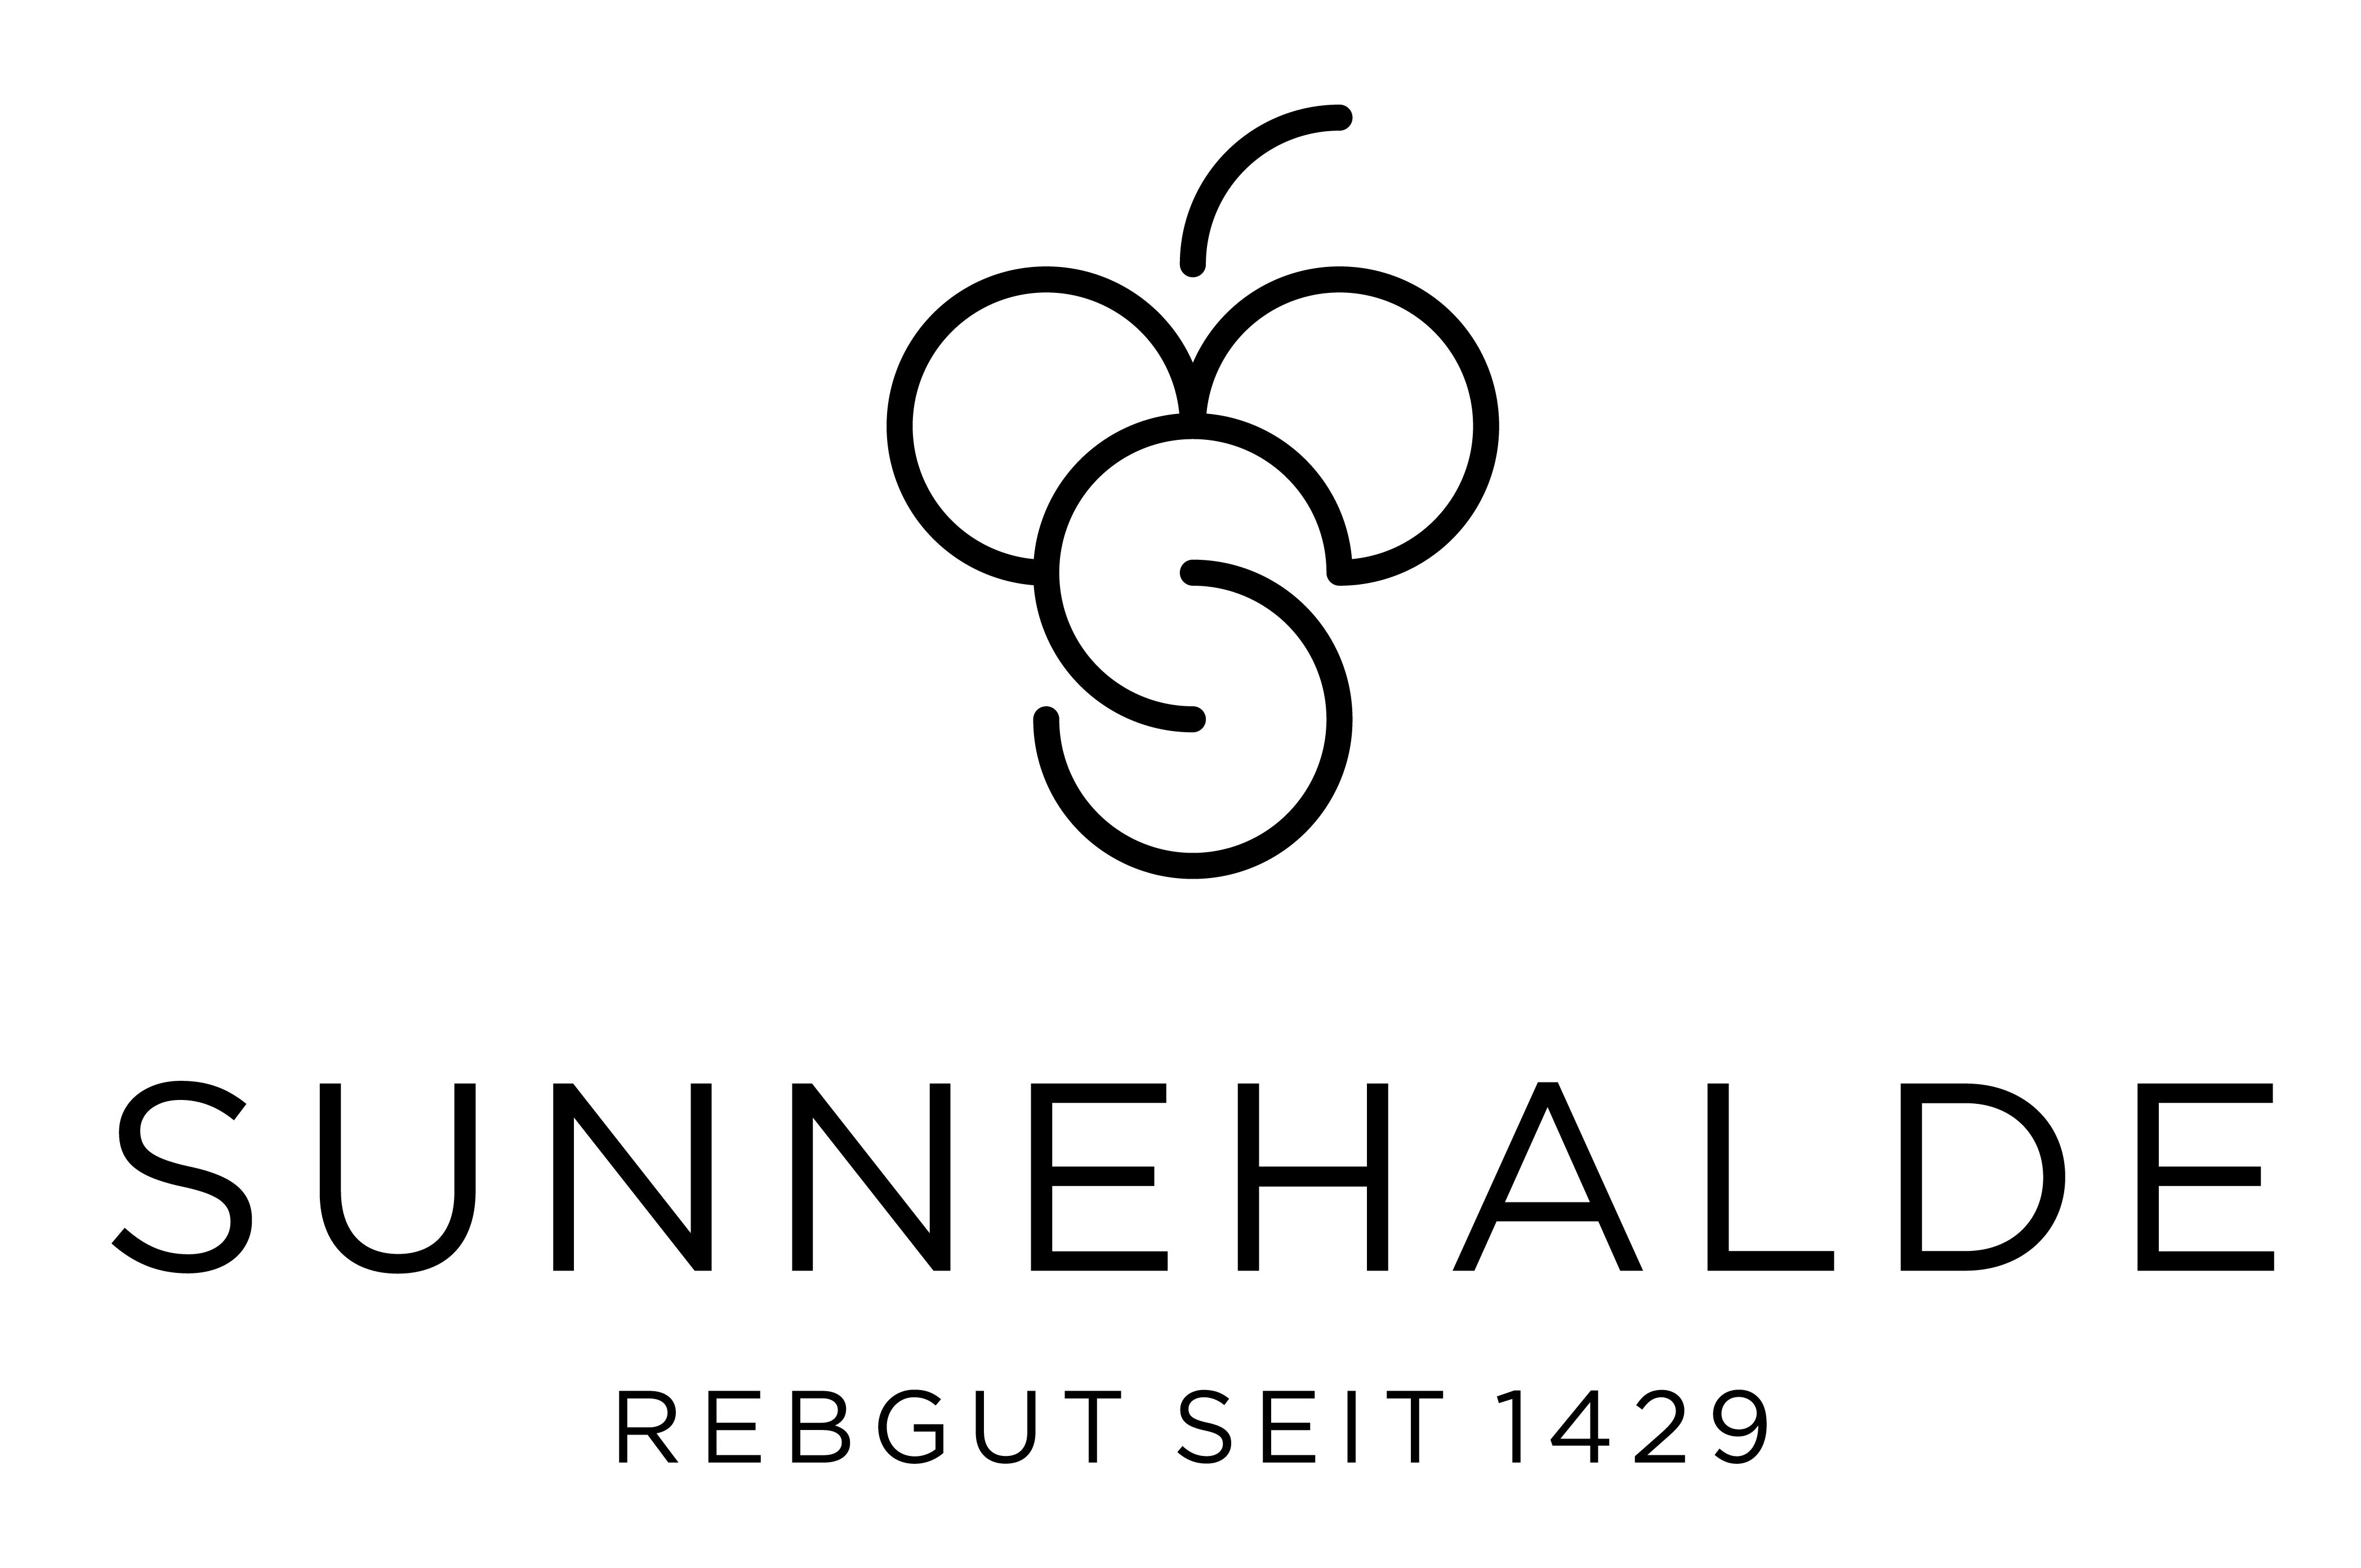 REBGUT SUNNEHALDE